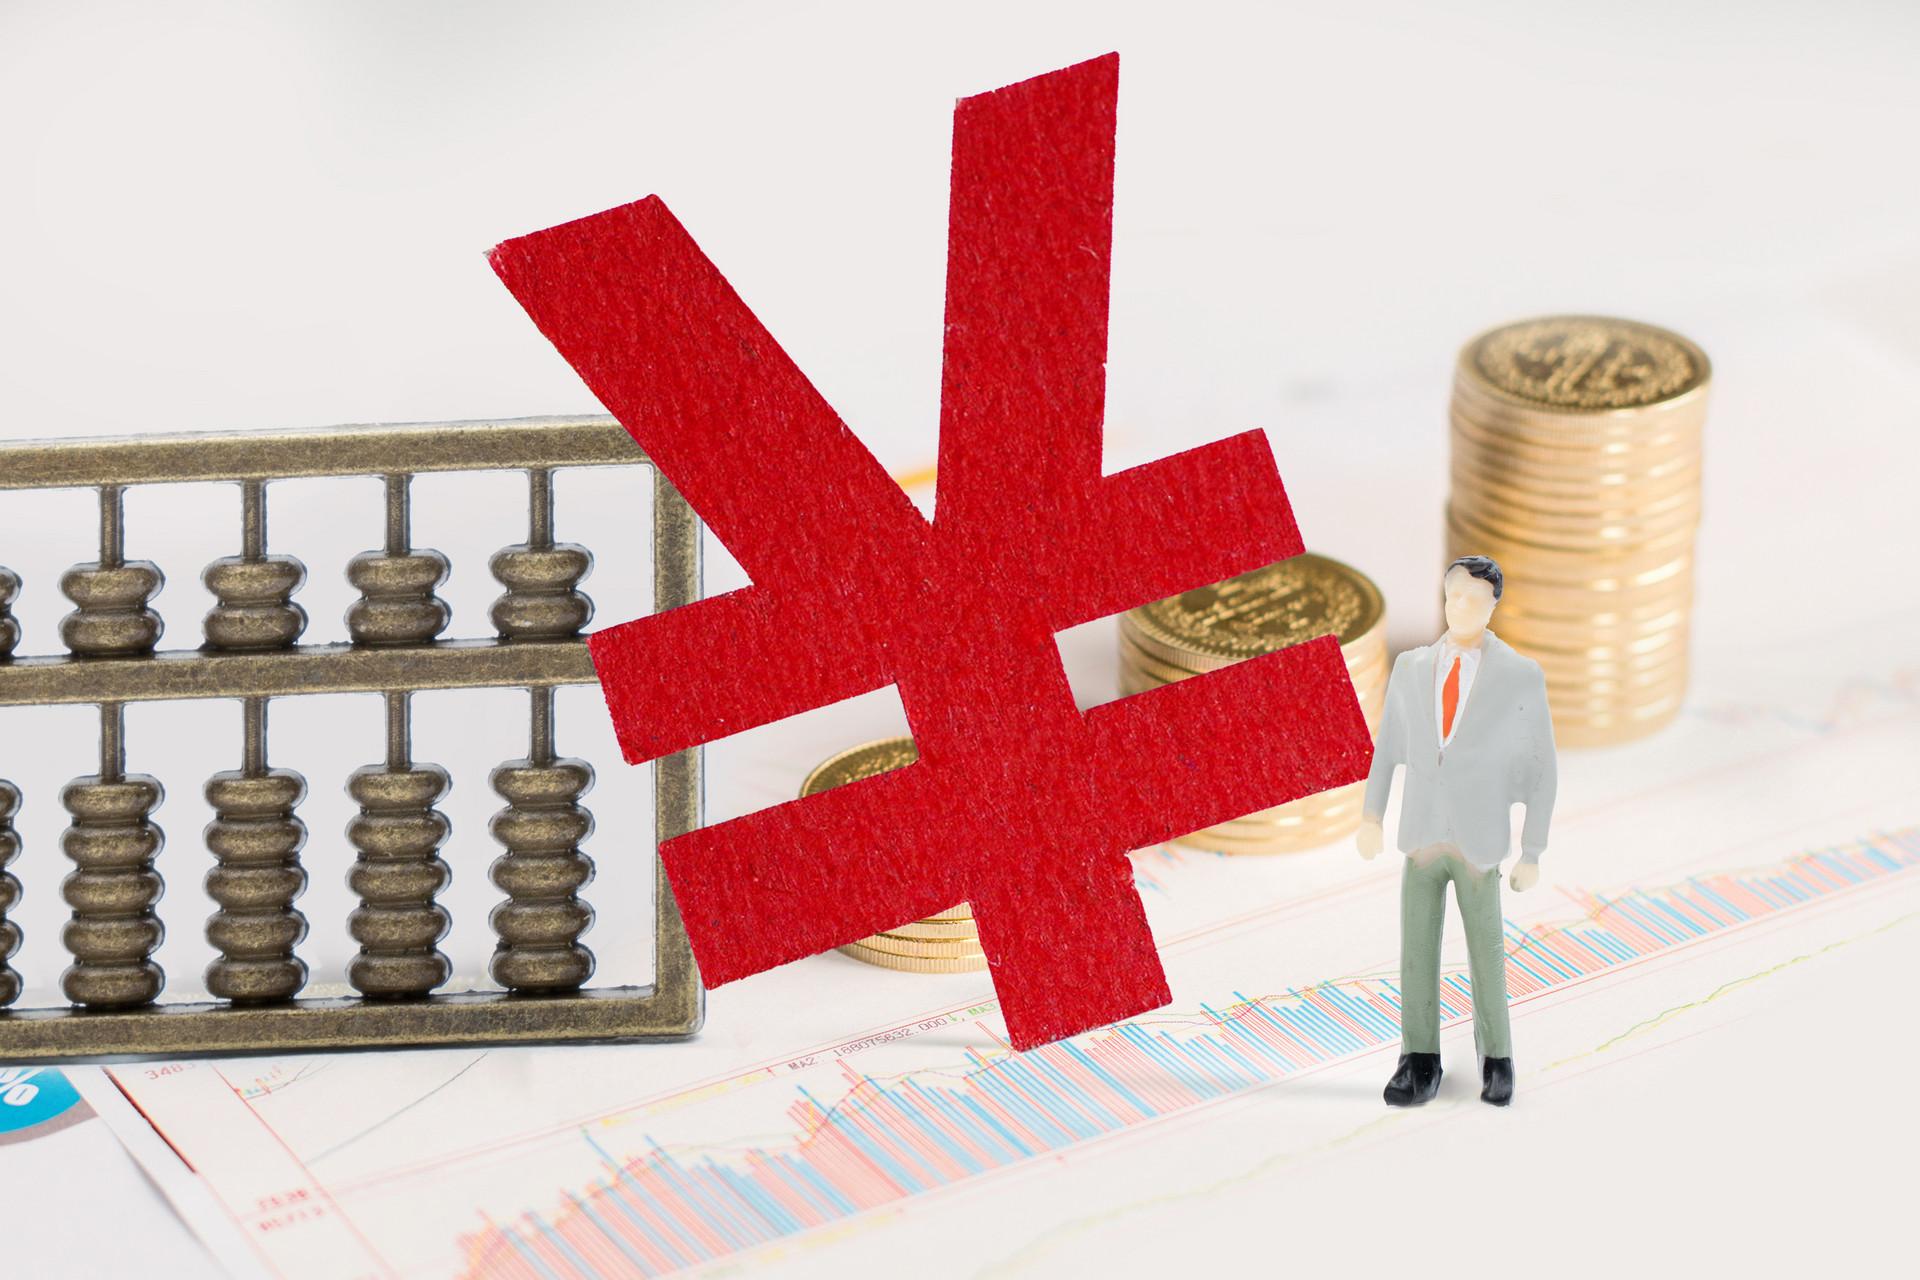 美联储放出0利率大招 面对全球降息潮你准备好了吗?